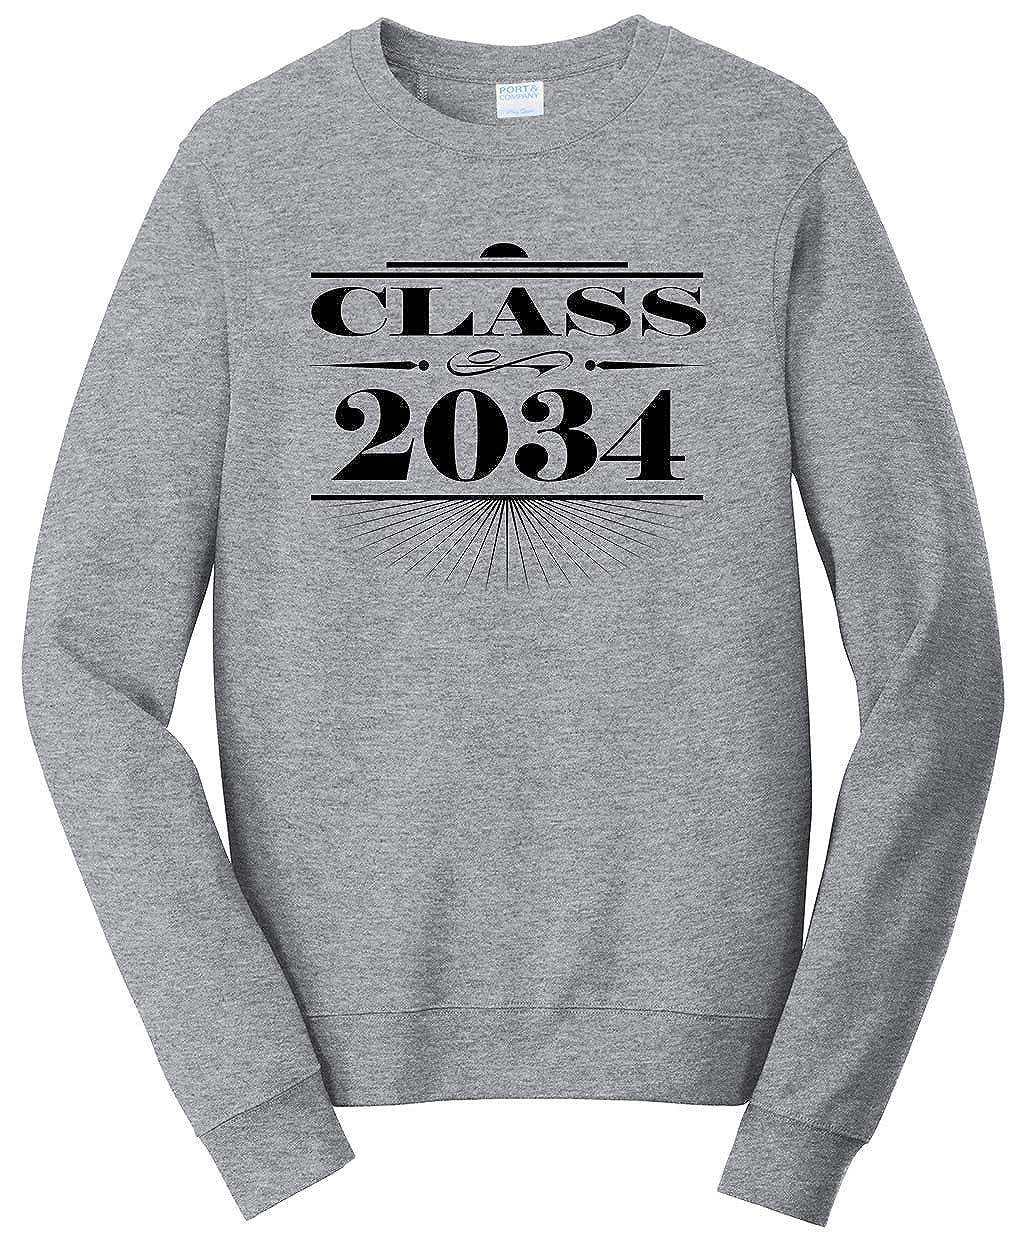 Tenacitee Unisex Art Deco Class of 2034 Sweatshirt